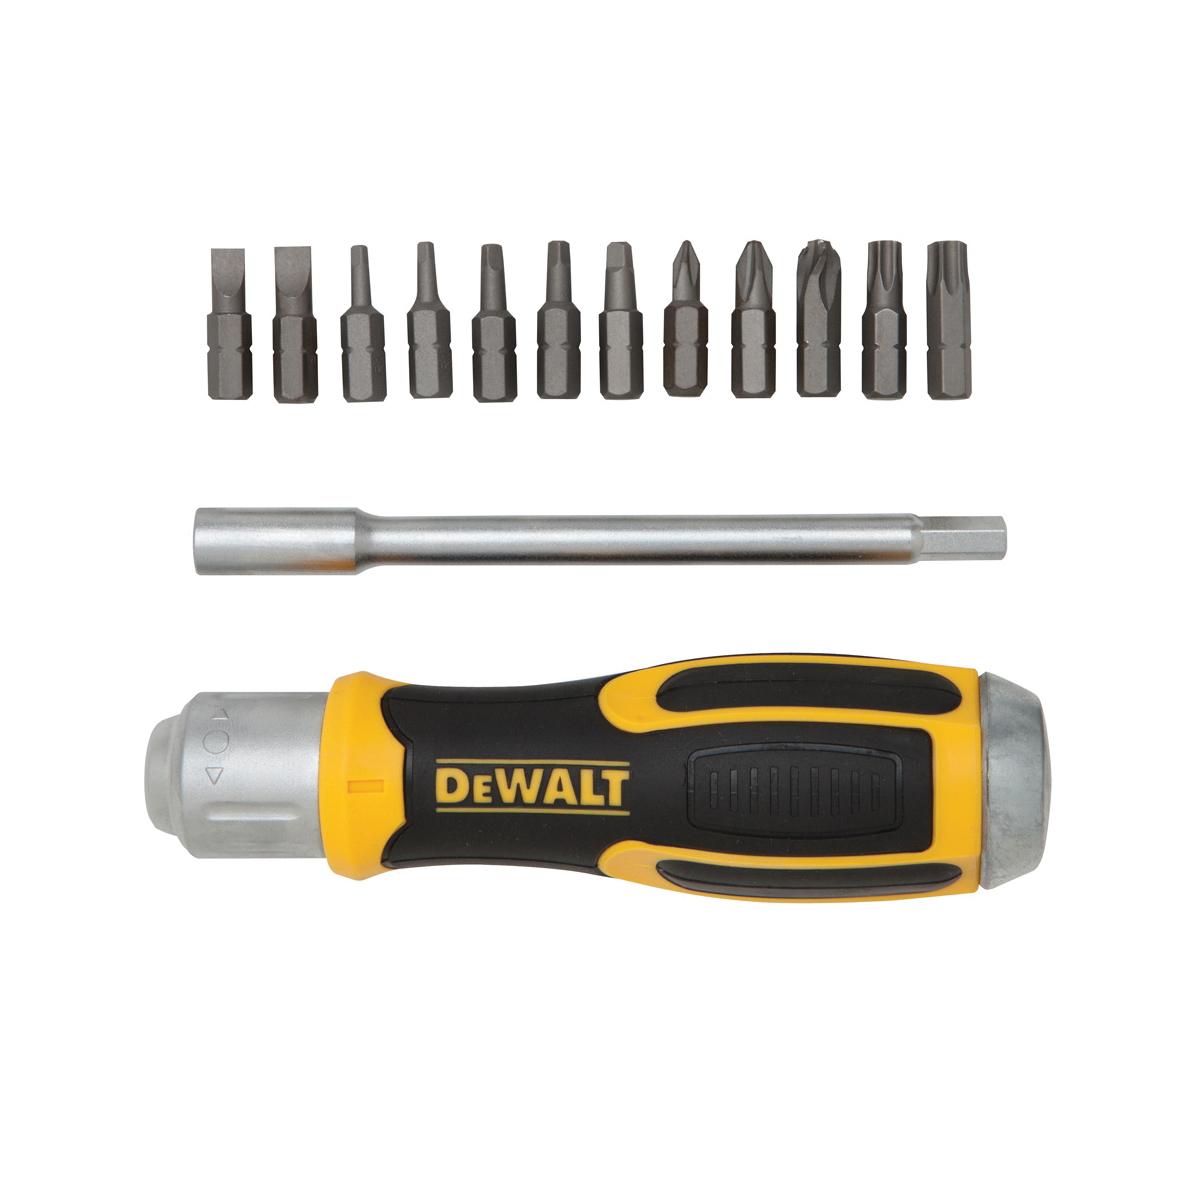 DeWALT® DWHT69233 Multi-Bit Ratcheting Multi-Bit Screwdriver, 13 Pieces, Comfort Grip Handle, Rubber